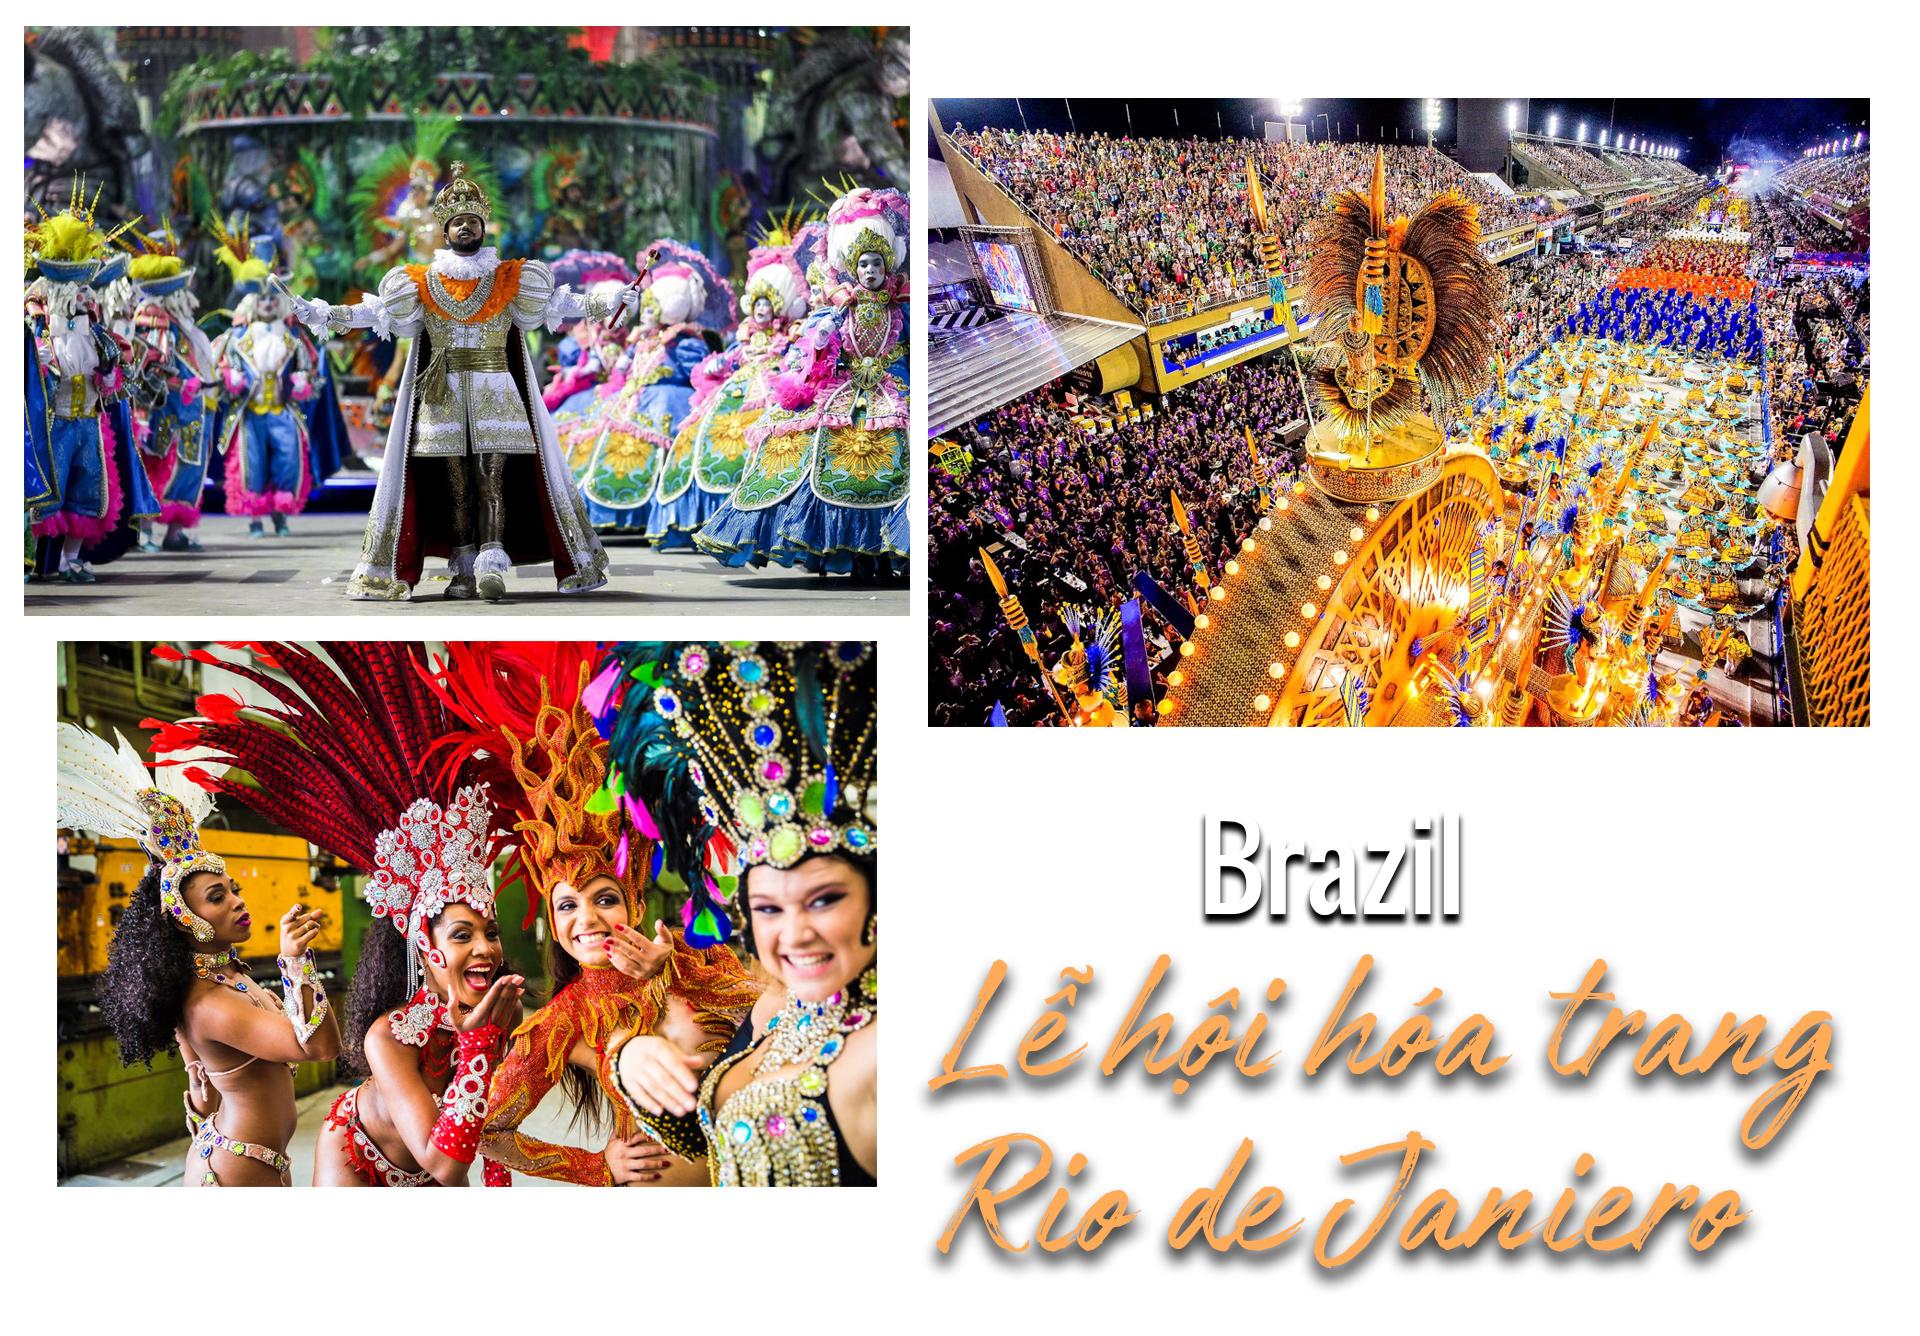 Những lễ hội sắc màu rực rỡ nhất hành tinh - 8